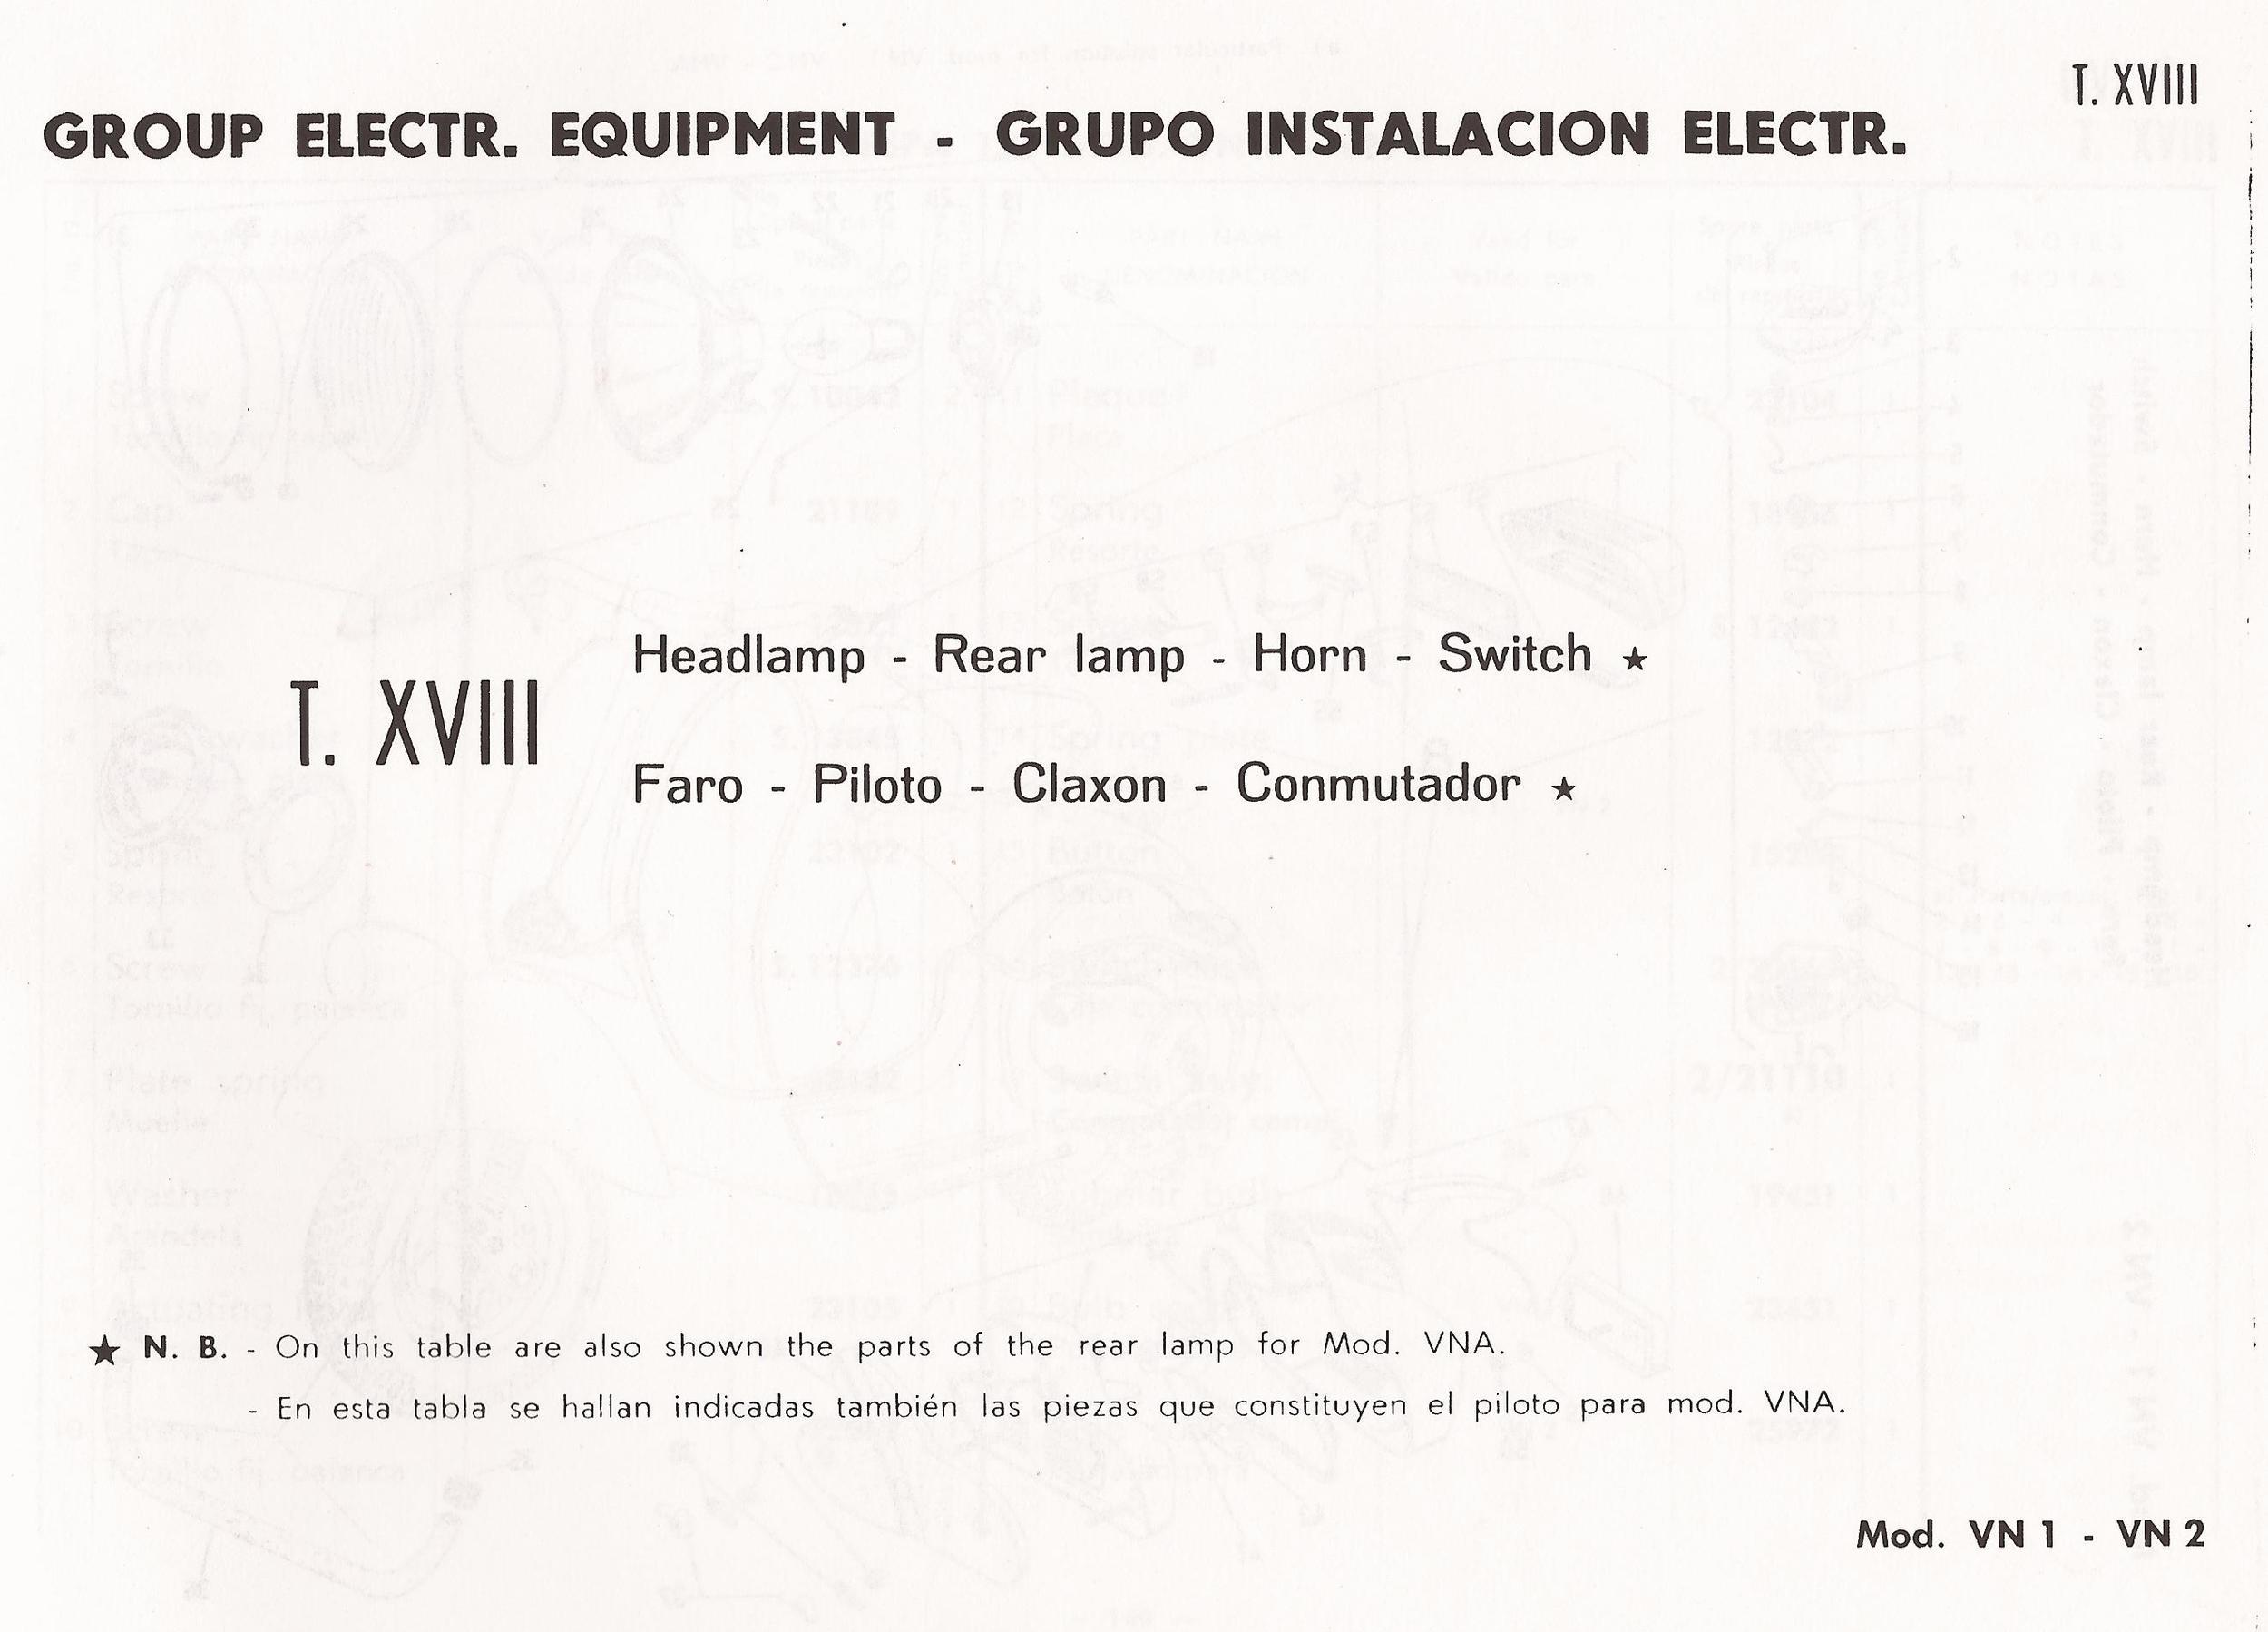 07-16-2013 vespa 125 catalog manuel 156.jpg